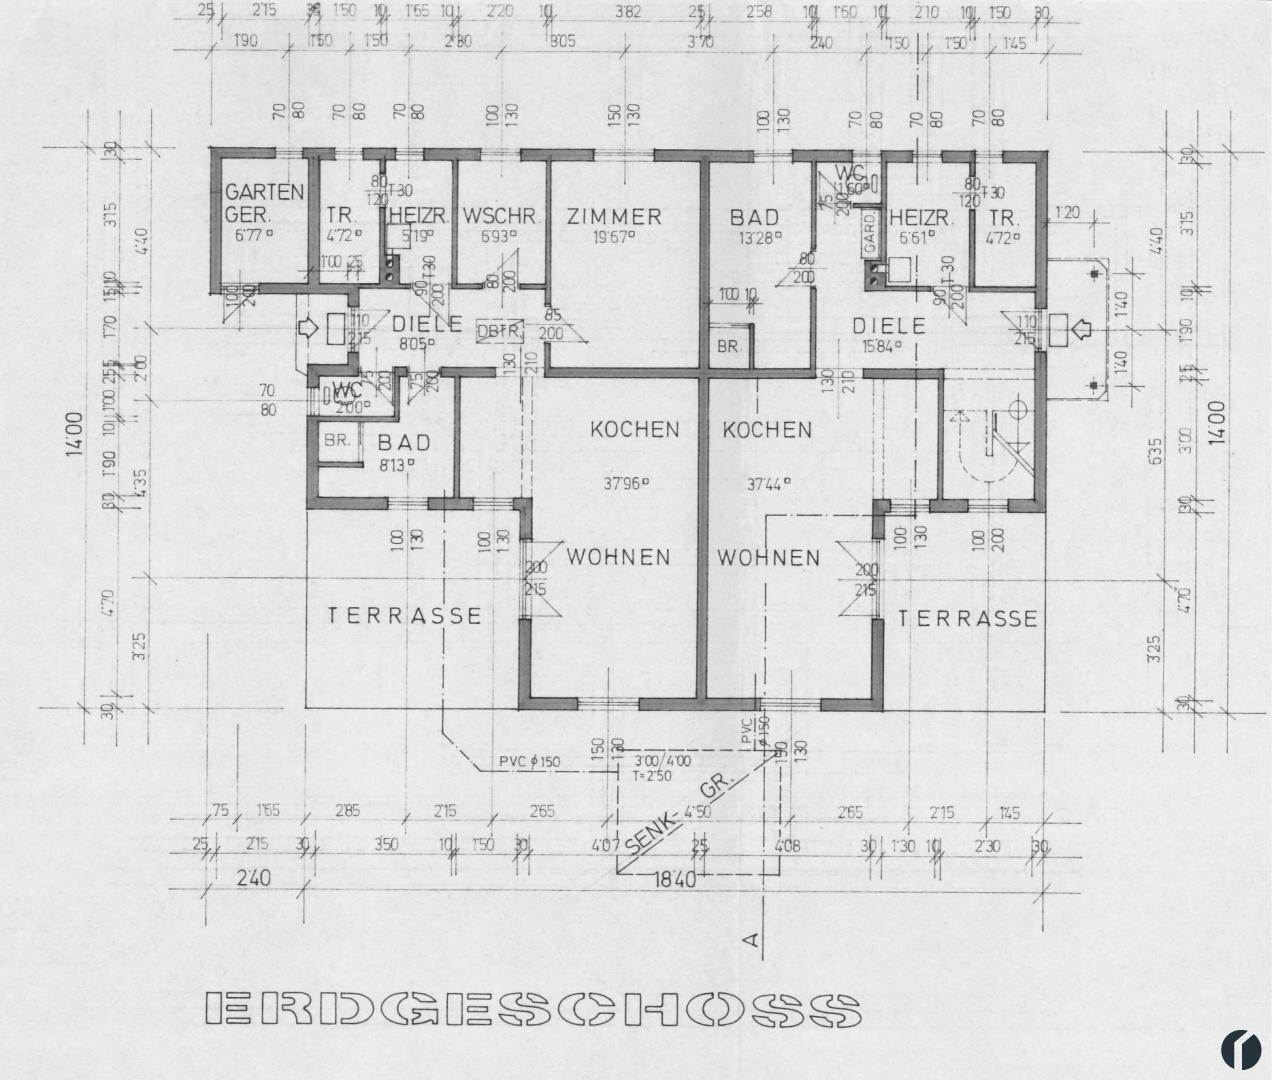 Gesamtübersicht Doppelhaus: Erdgeschoss